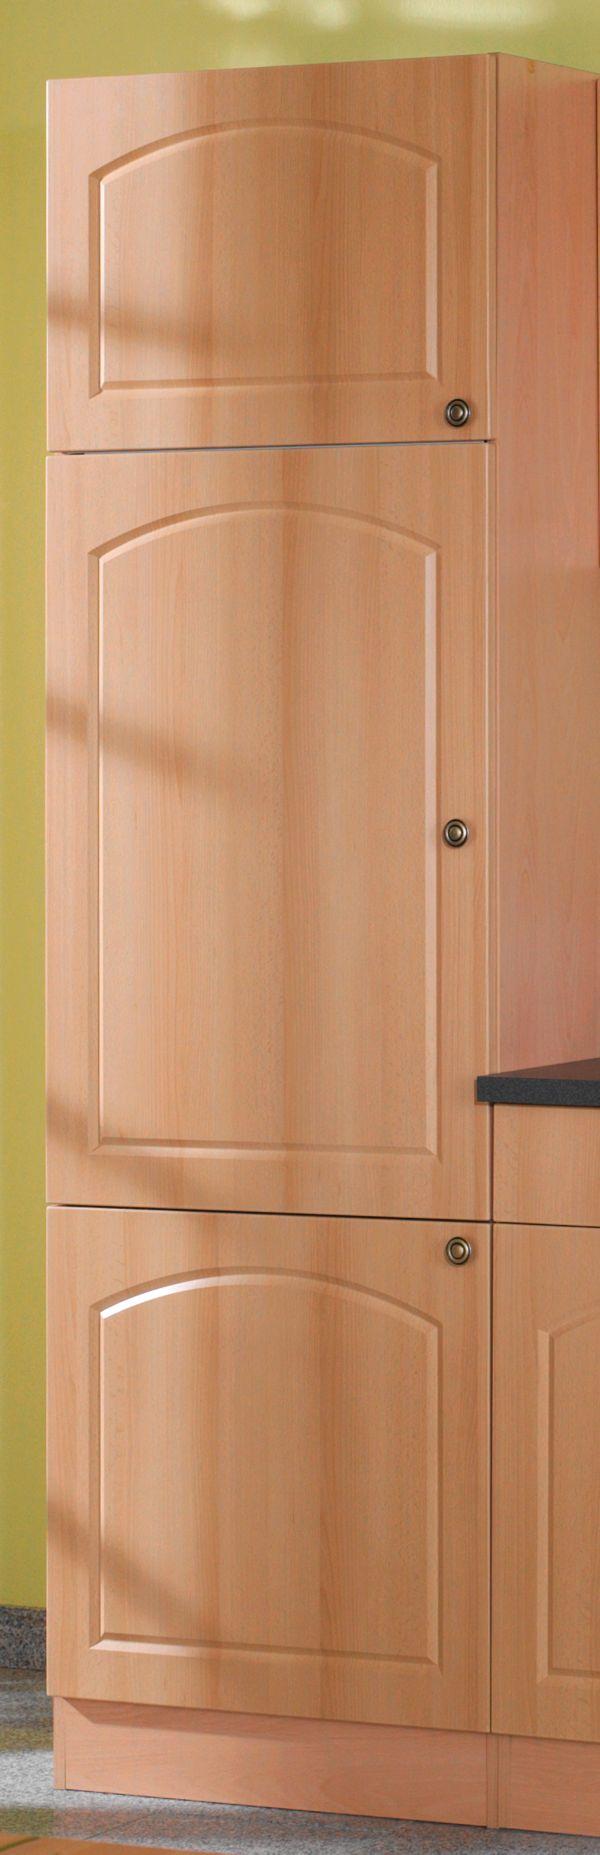 Held möbel küchenzeile rom 280 cm buche nachbildung, küche, küchen ...